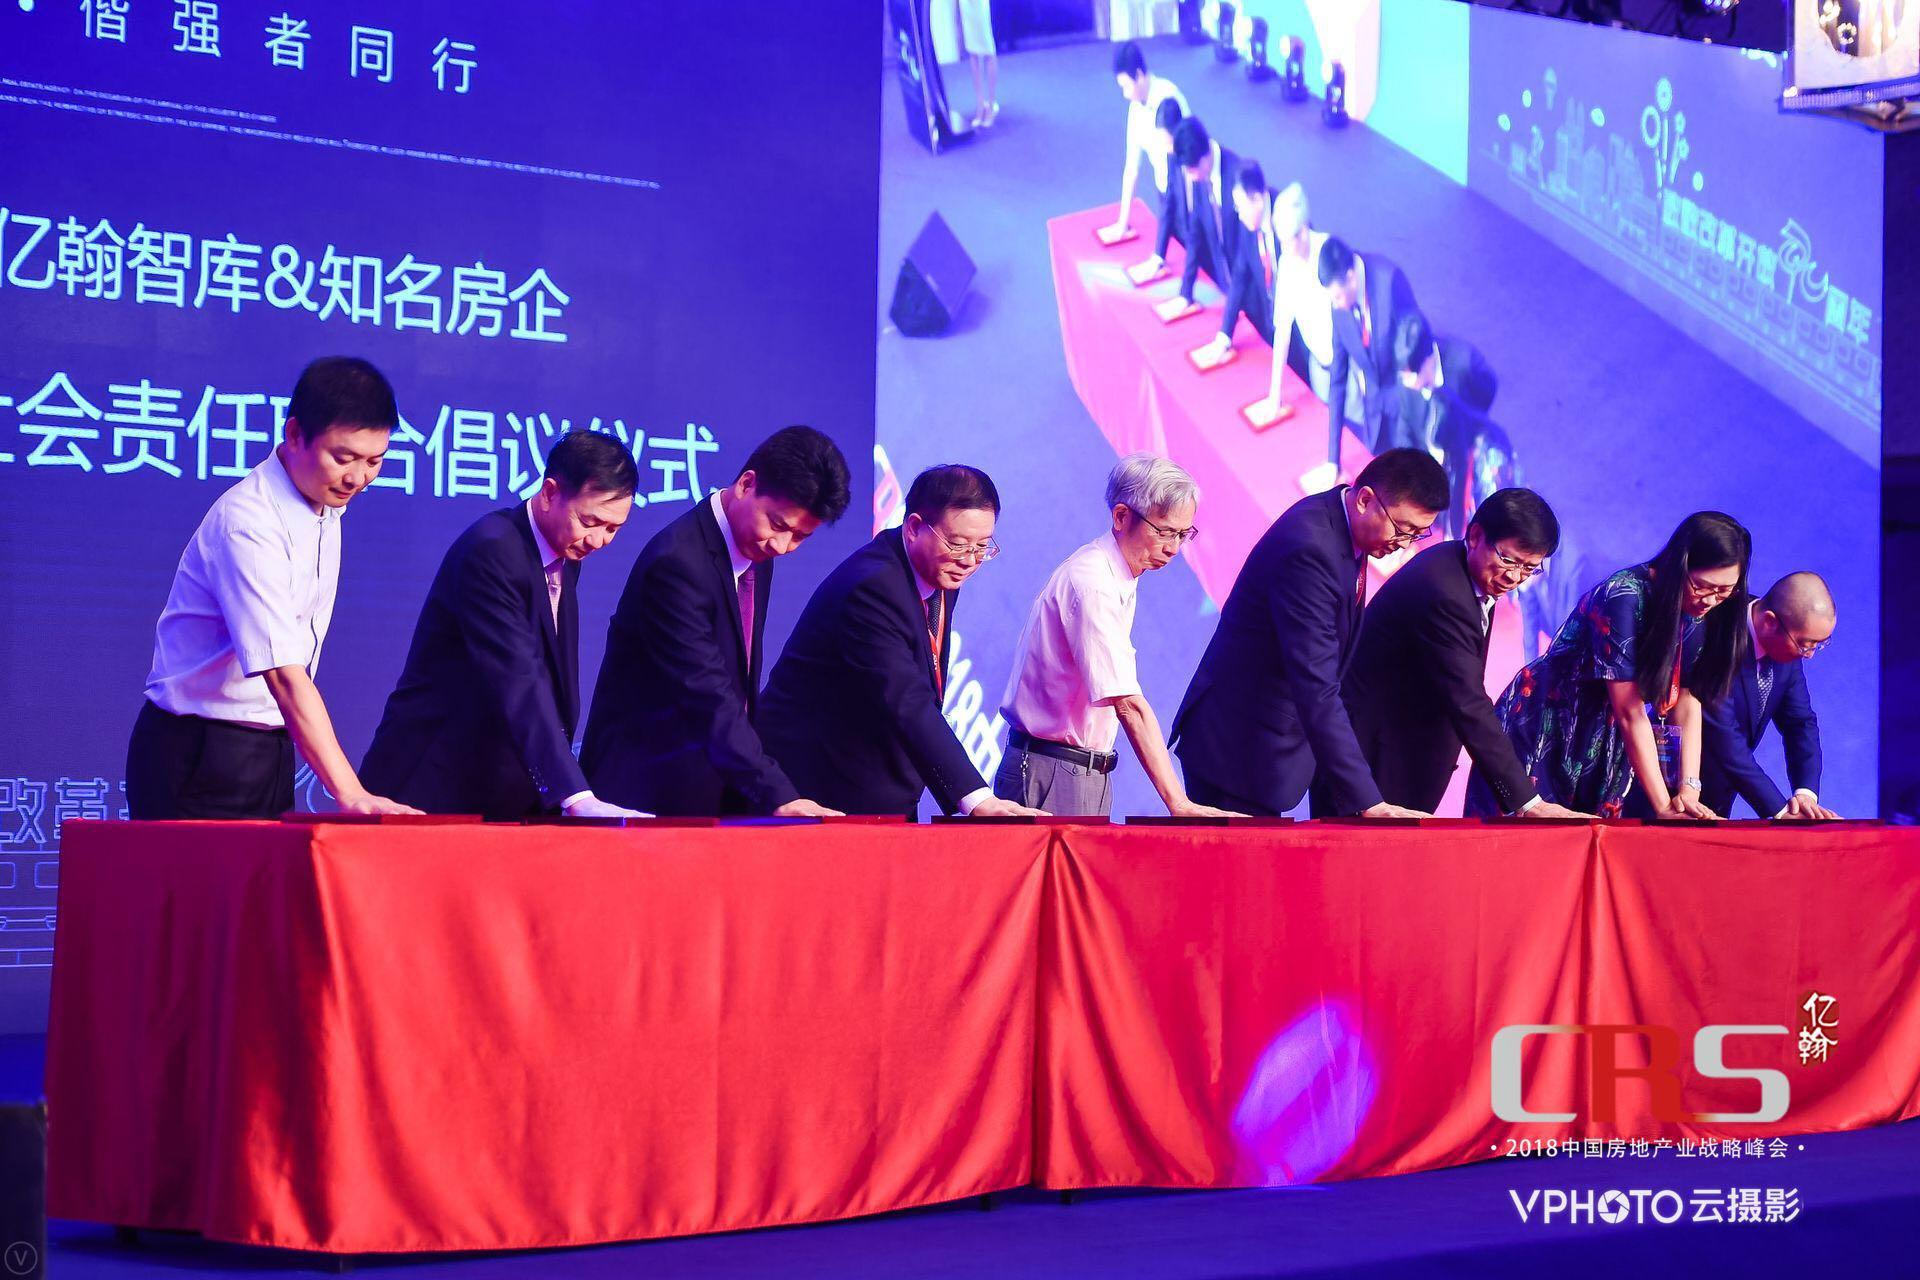 新时期 与国同行 积极反哺社会 承担历史新使命-中国网地产